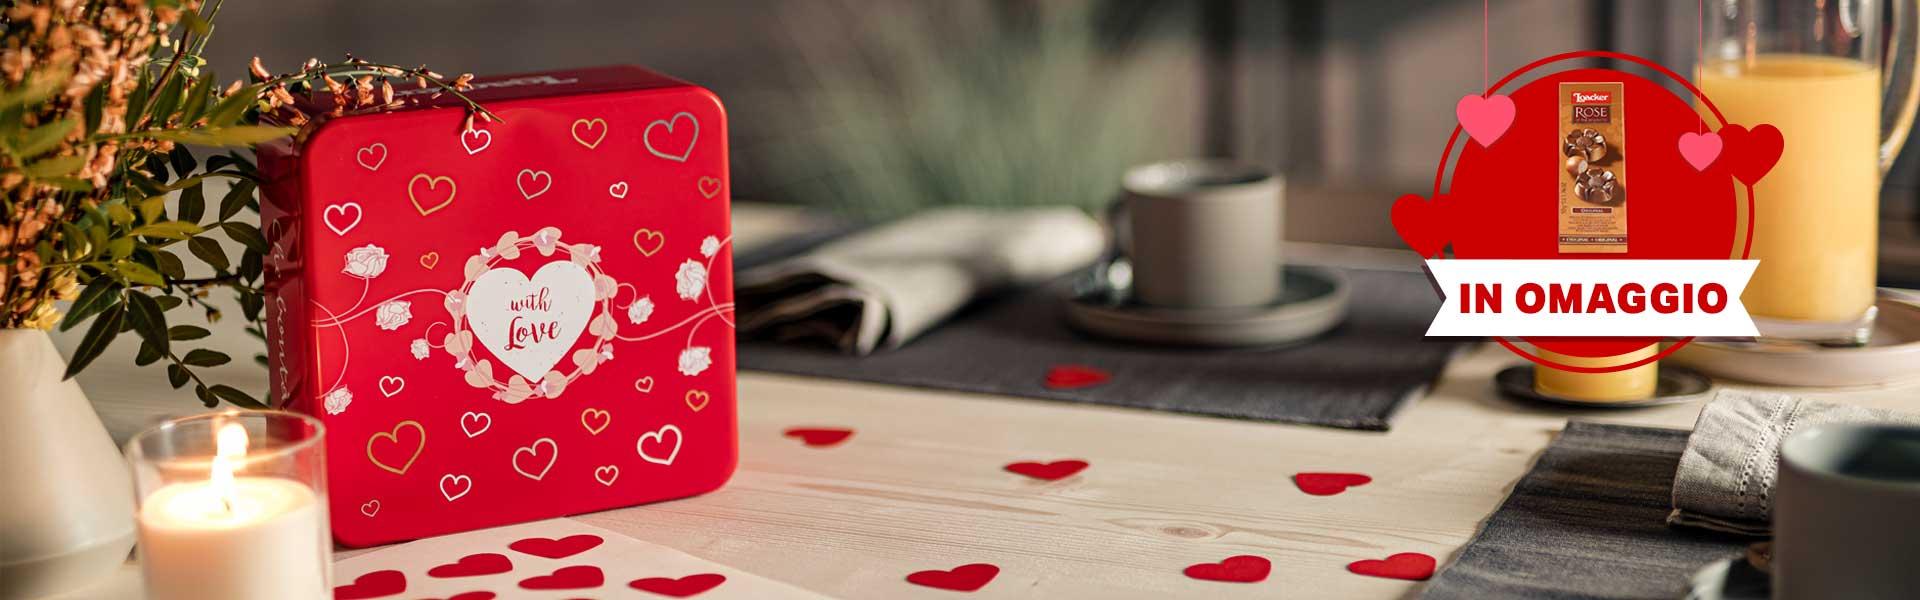 Loacker Regali per San Valentino